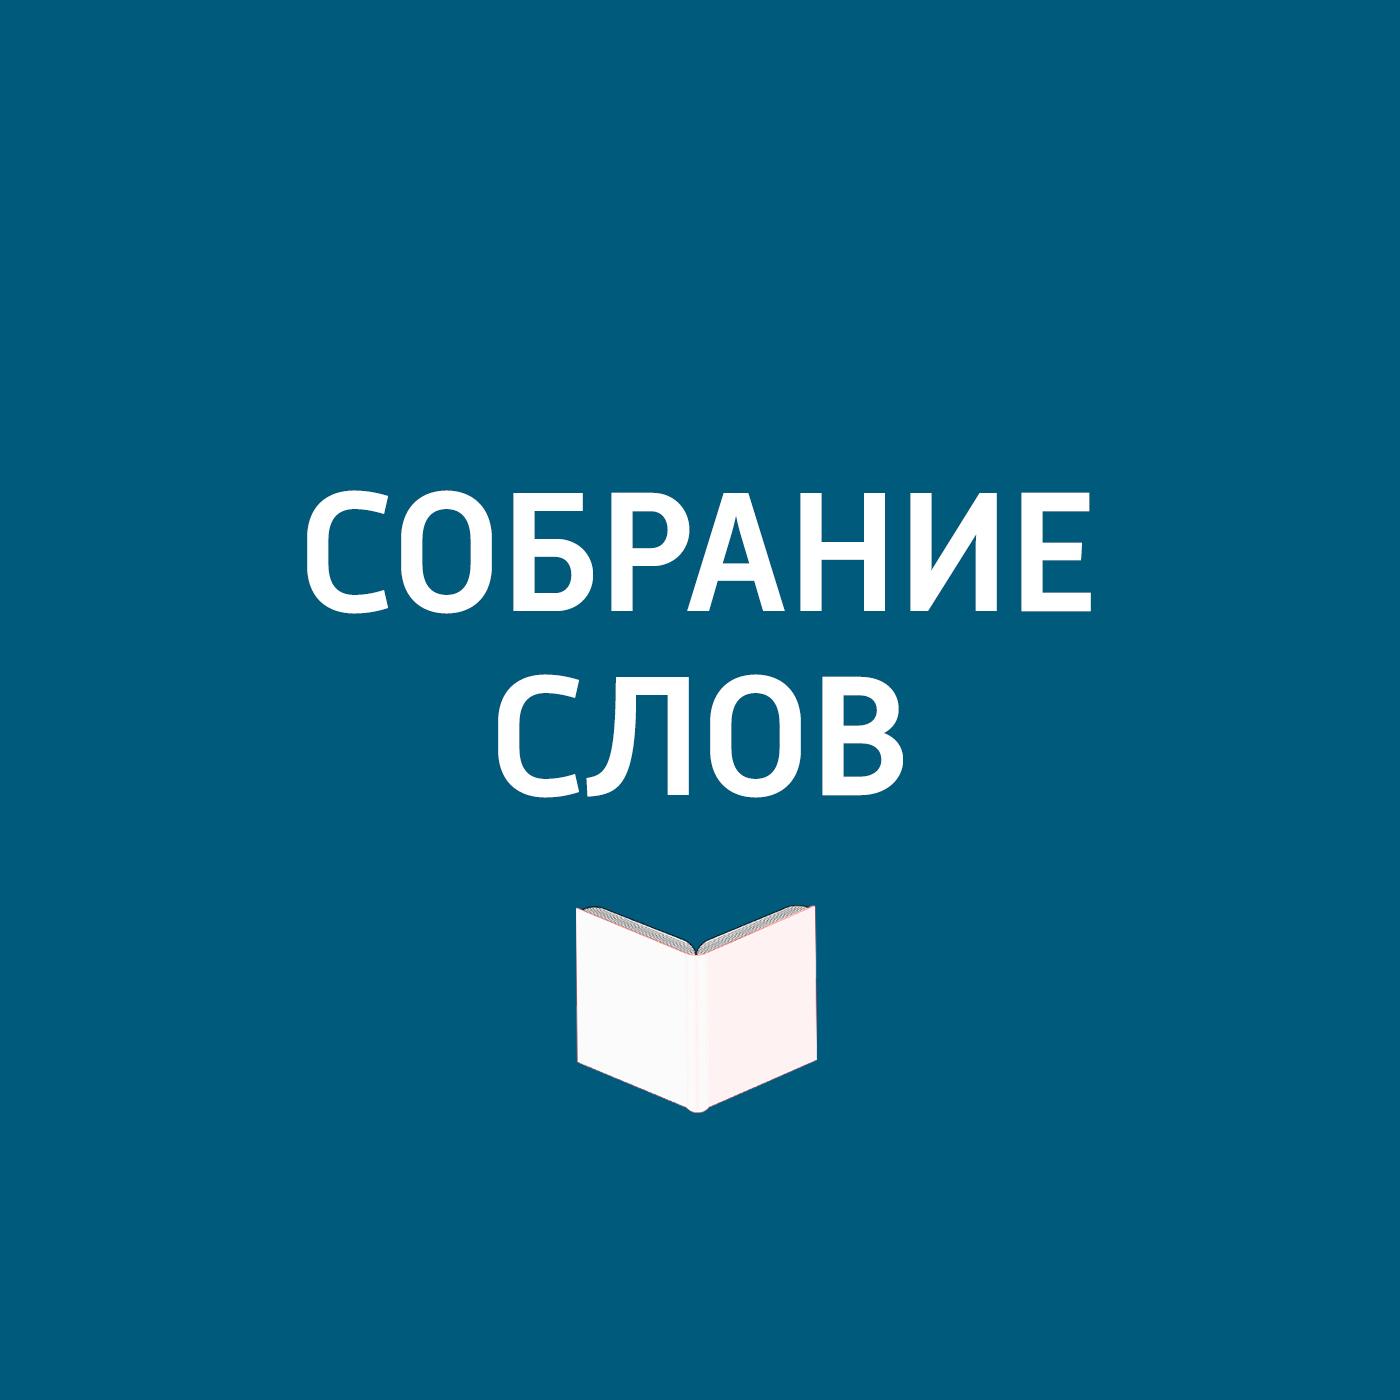 Творческий коллектив программы «Собрание слов» Выставка «Жены» в Музее русского импрессионизма